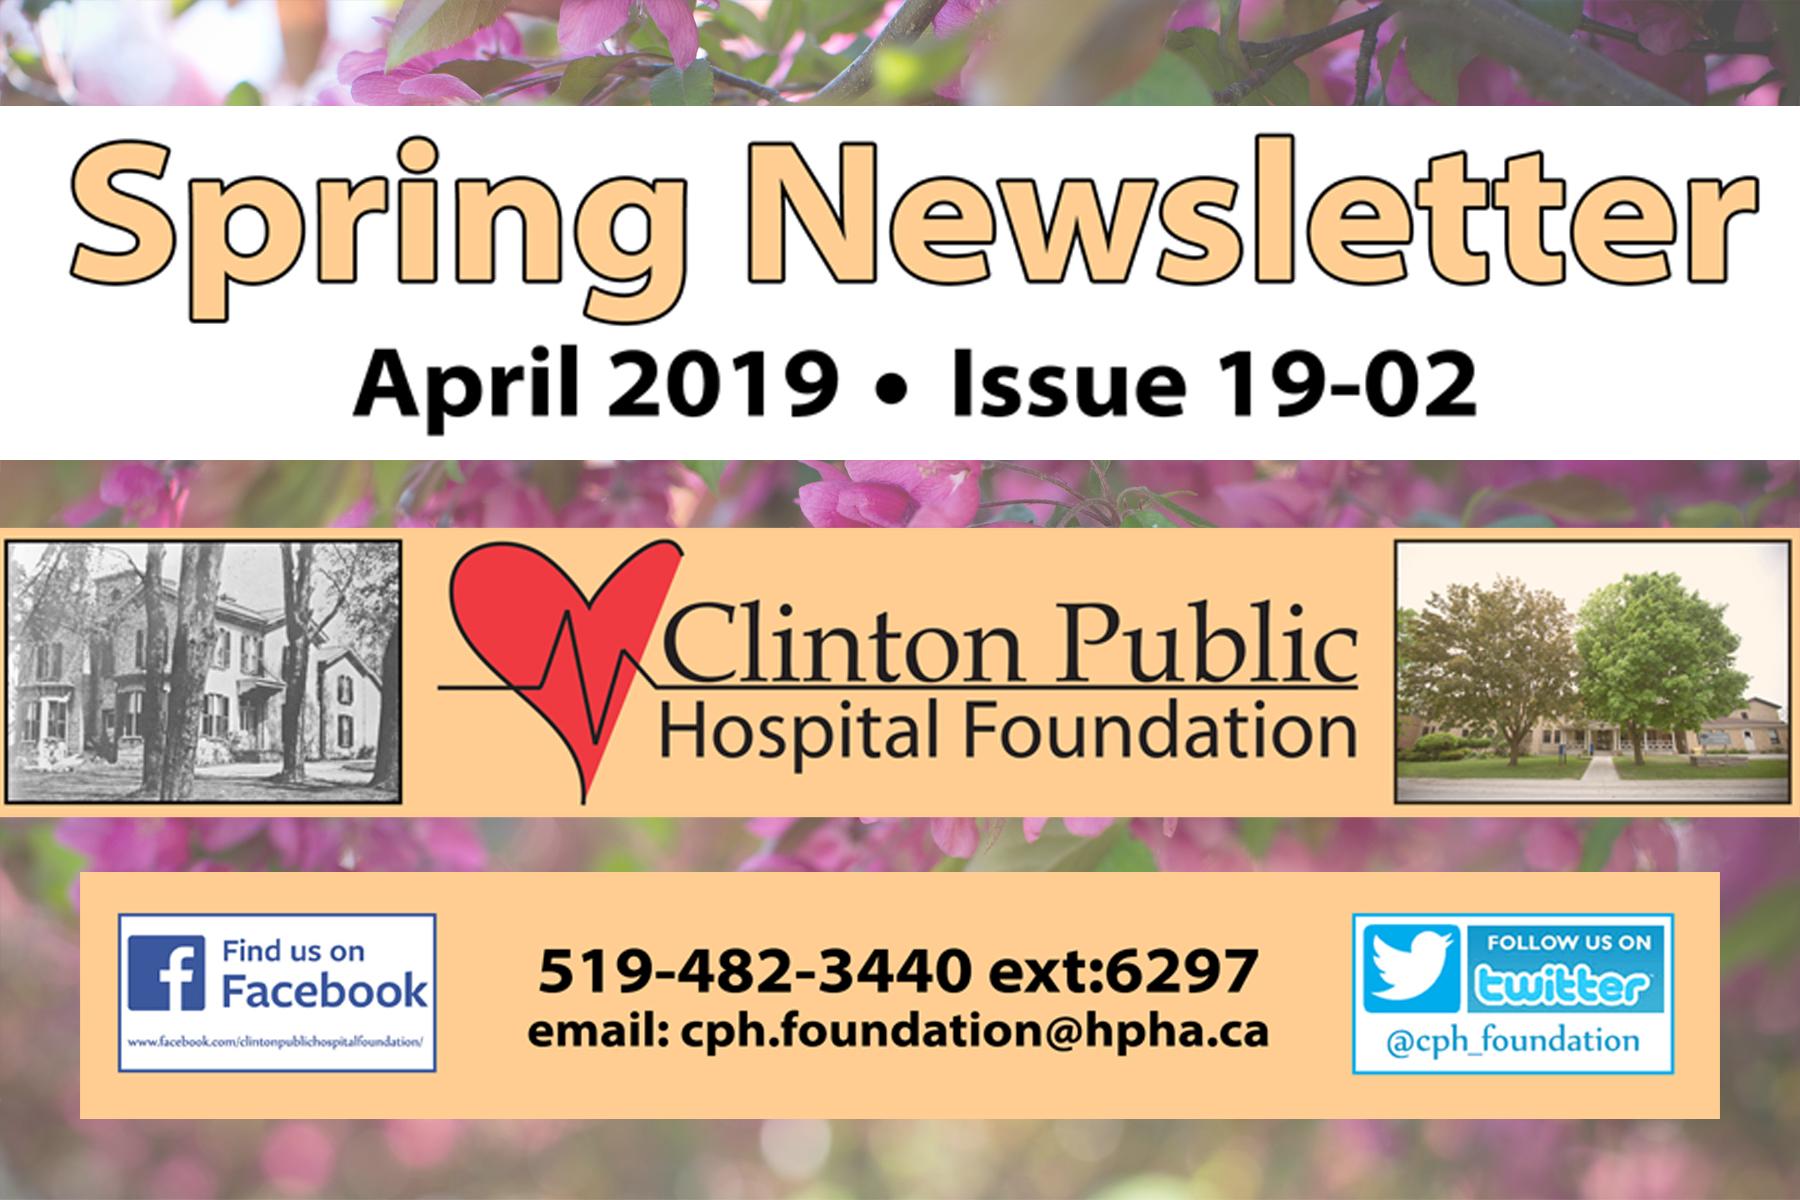 CPHF Spring Newsletter (19-02)